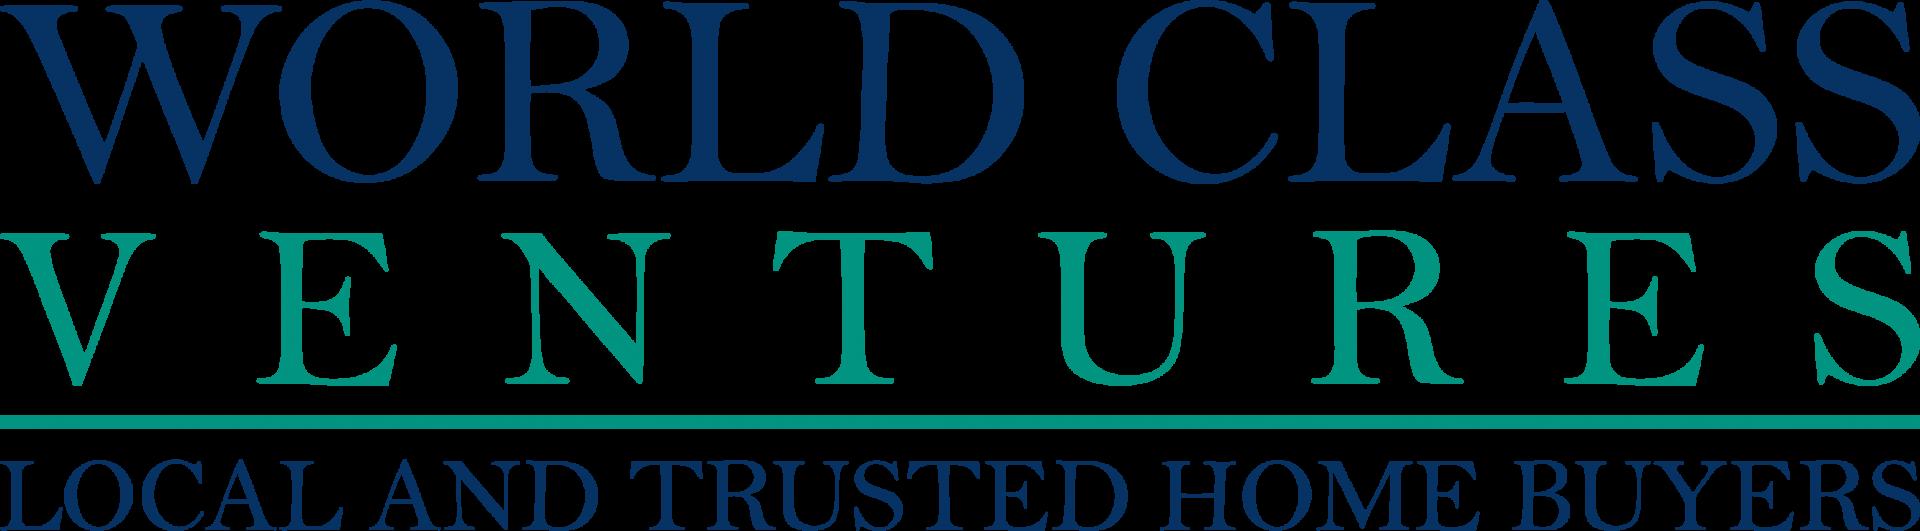 World Class Ventures logo